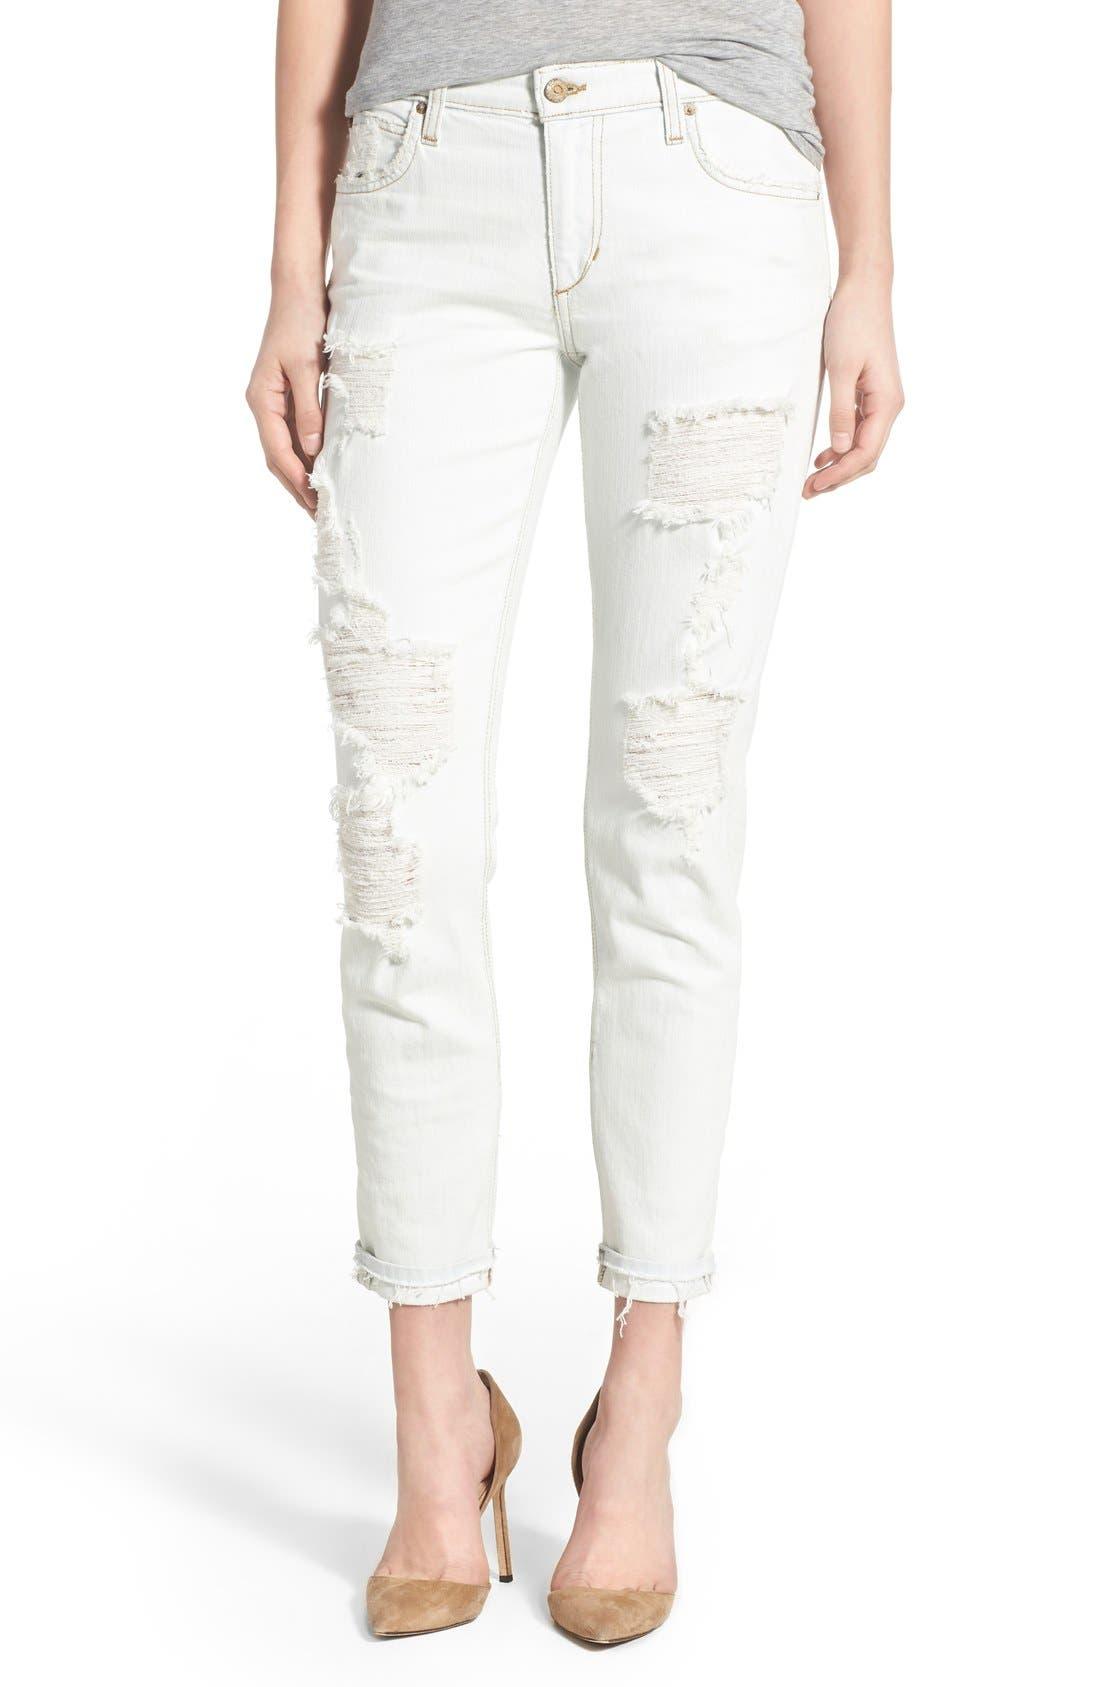 JOE'S, 'Collector's - Billie' Ankle Slim Boyfriend Jeans, Main thumbnail 1, color, 100